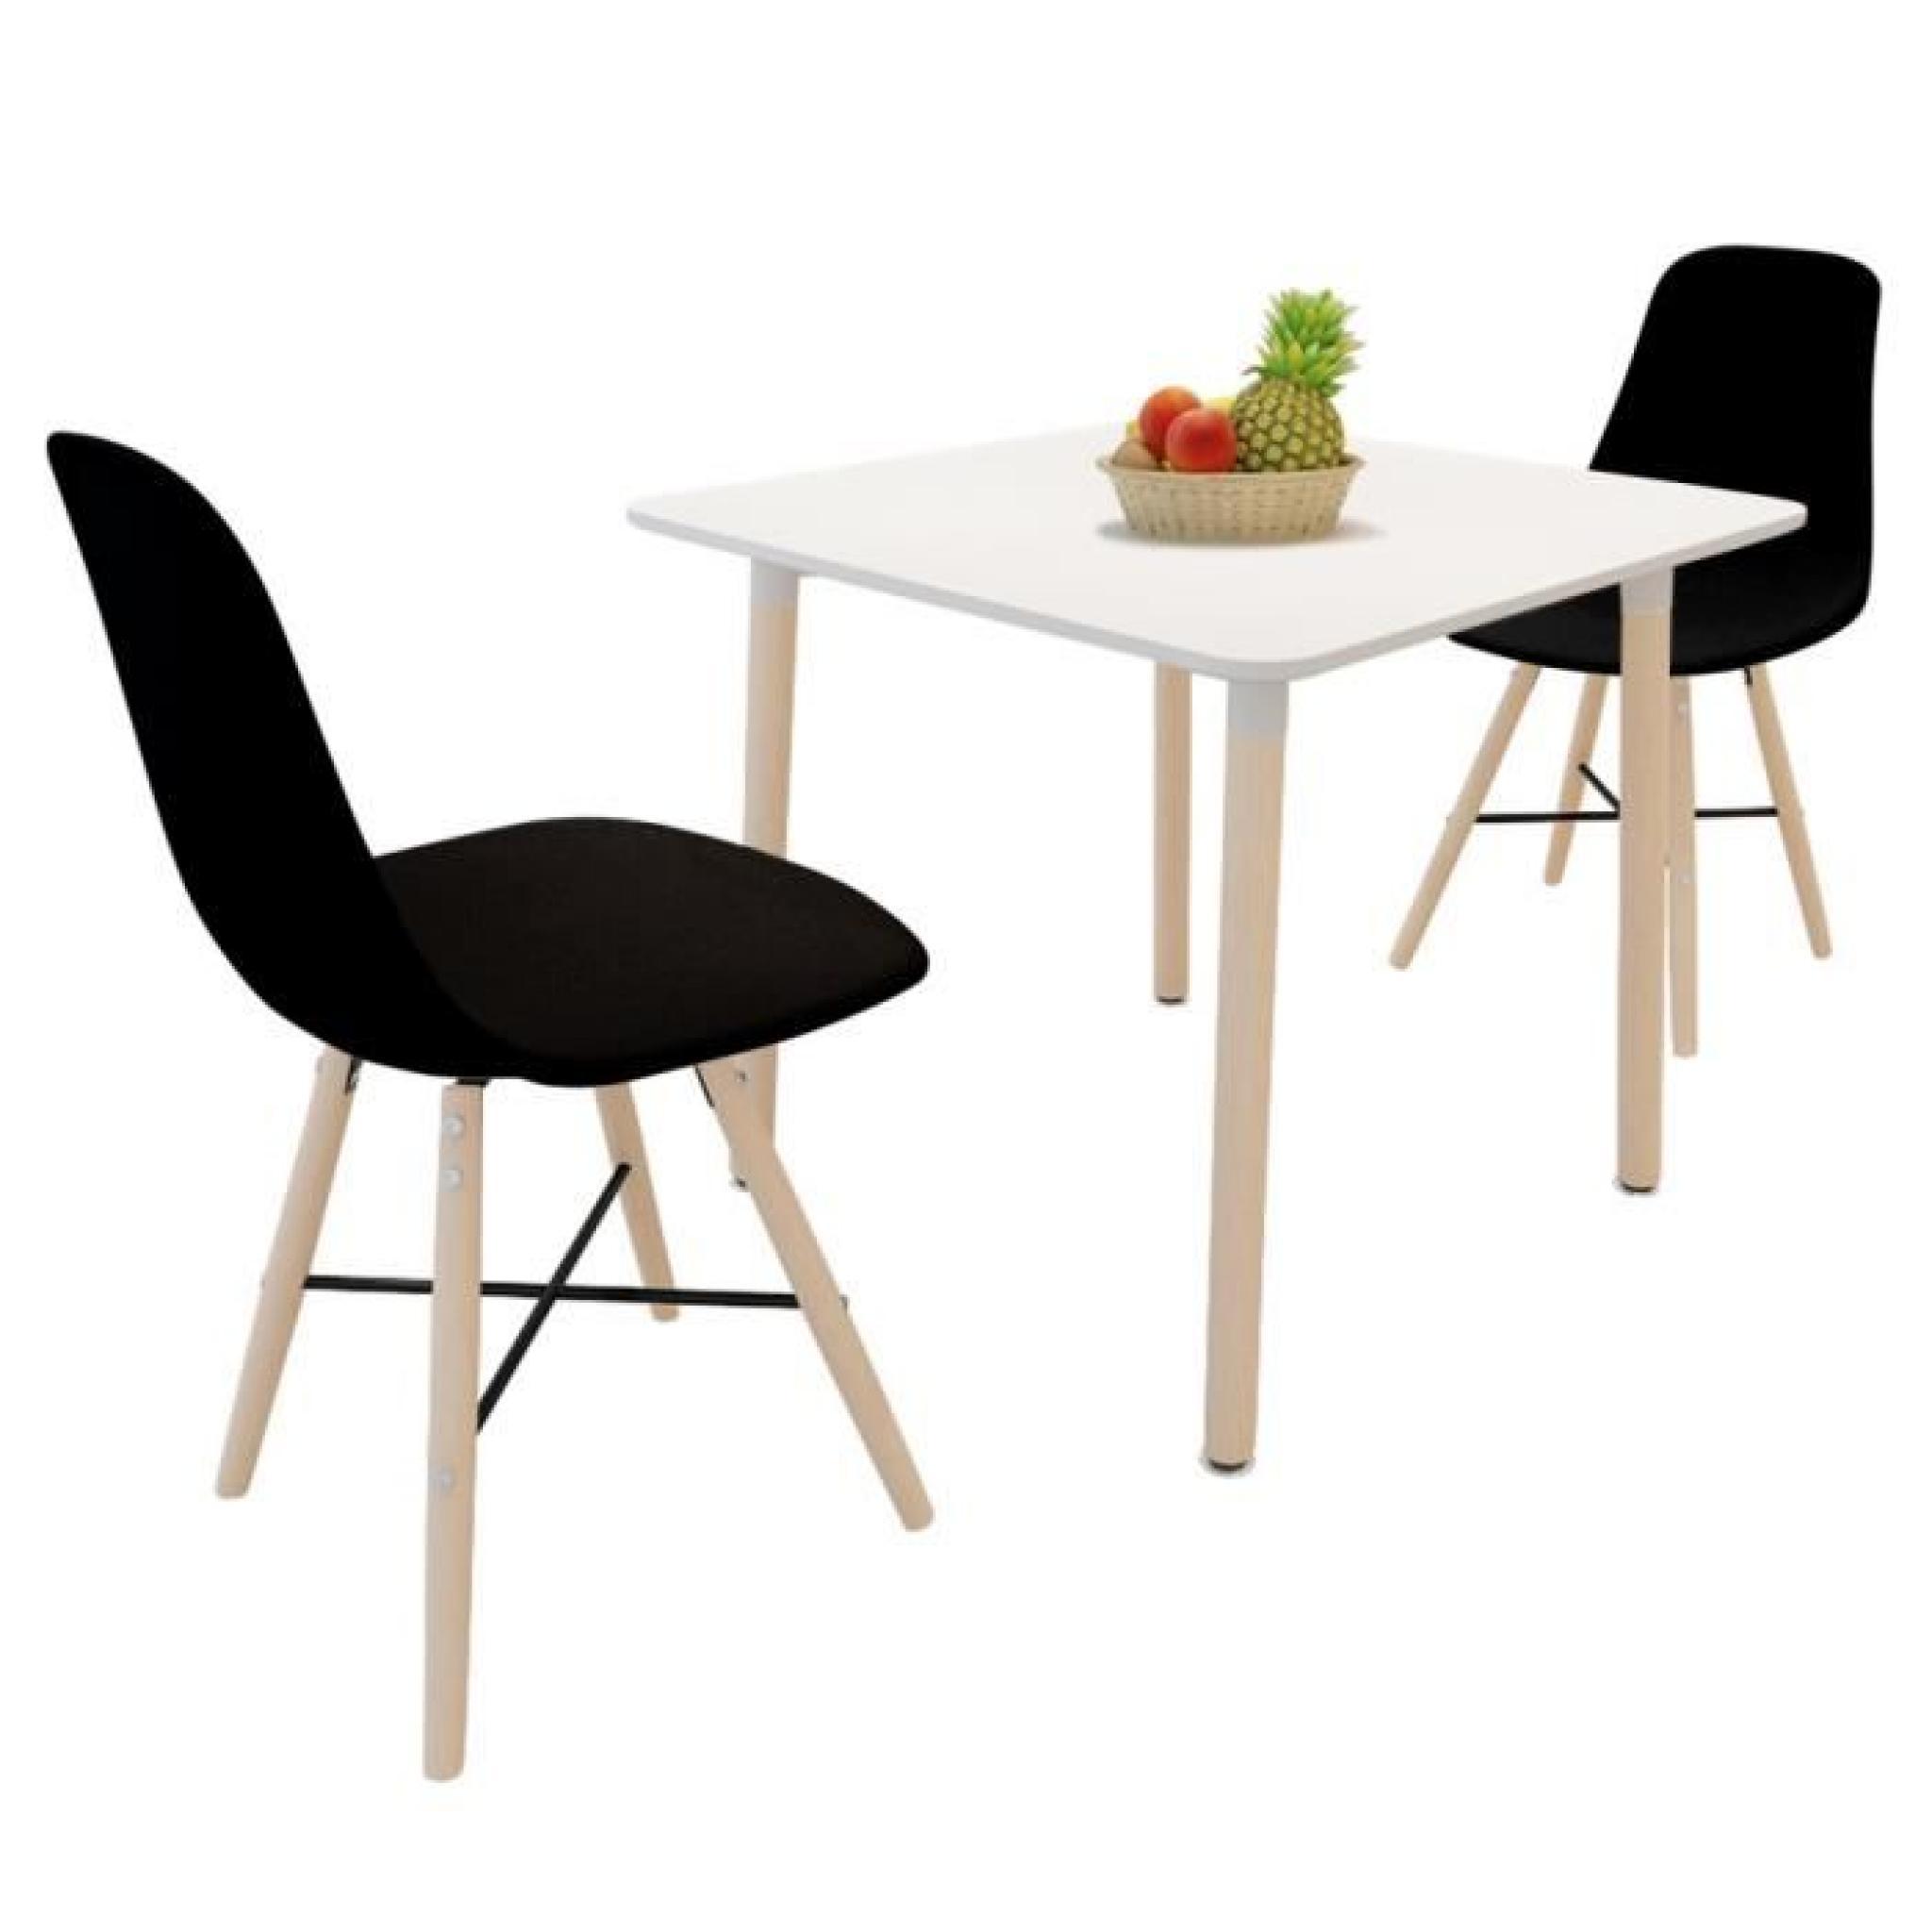 Set de 2 chaises de salle a manger avec pieds en bois noir for Meuble salle À manger avec chaise couleur salle a manger